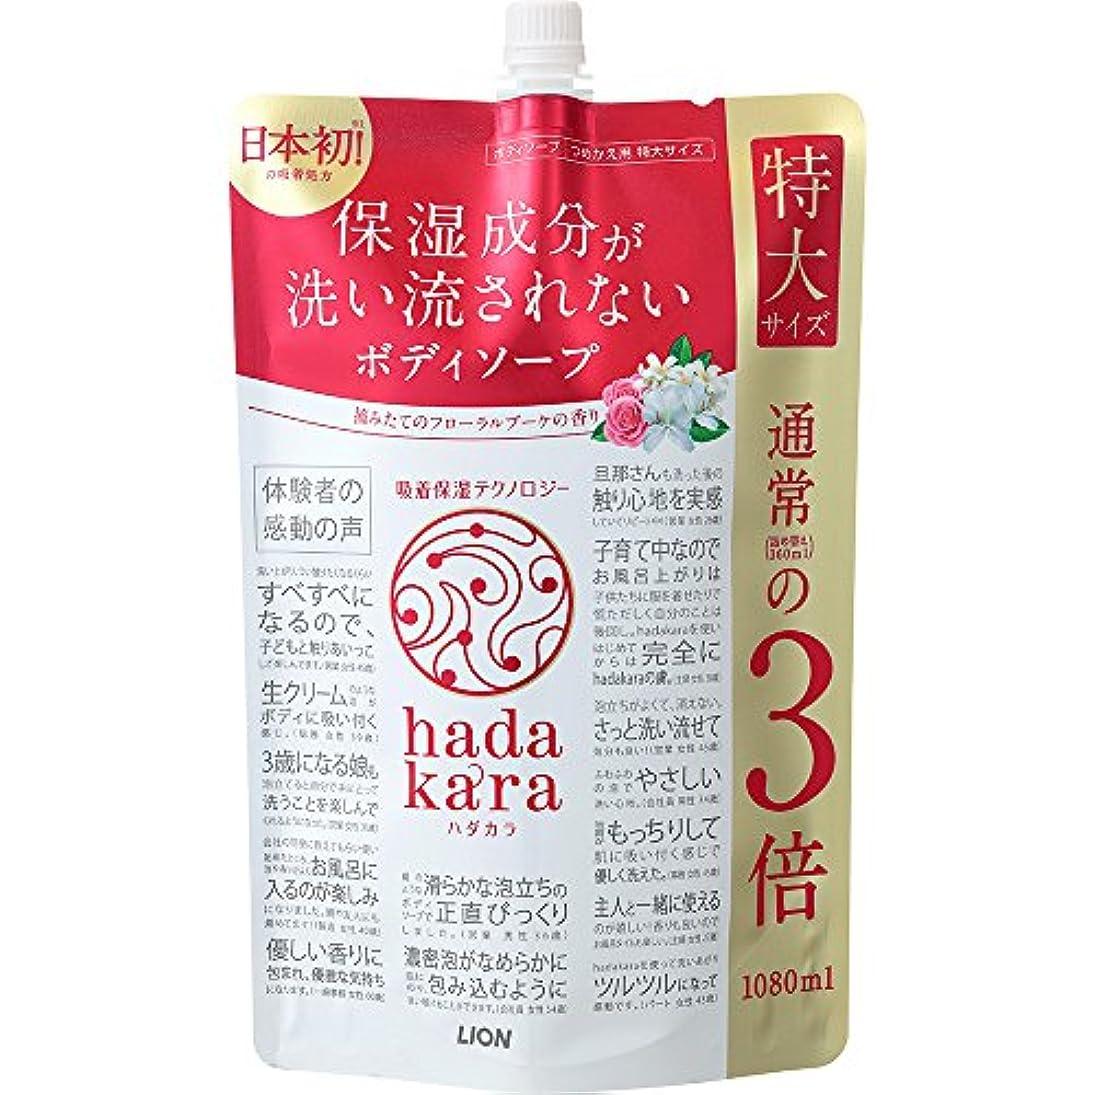 マージンマーク人質【大容量】hadakara(ハダカラ) ボディソープ フローラルブーケの香り 詰め替え 特大 1080ml